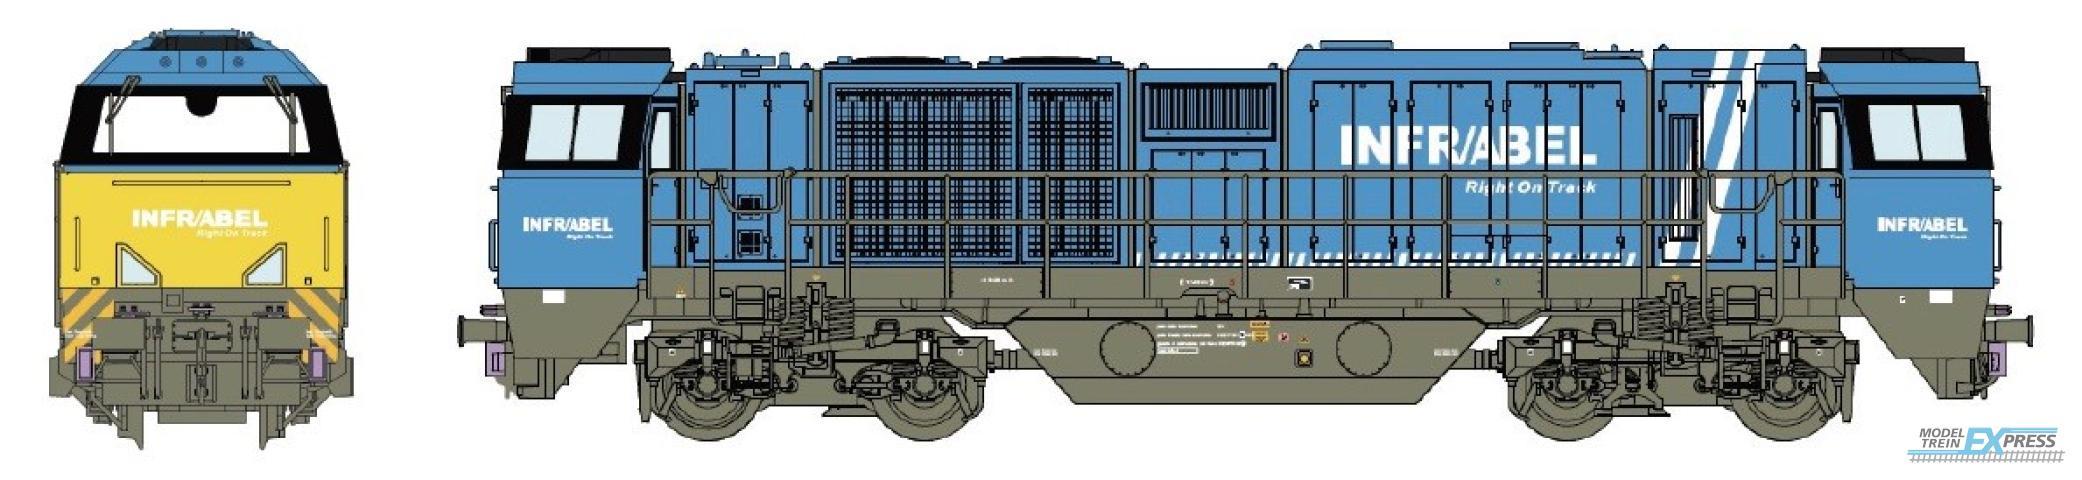 B-Models 9902.04